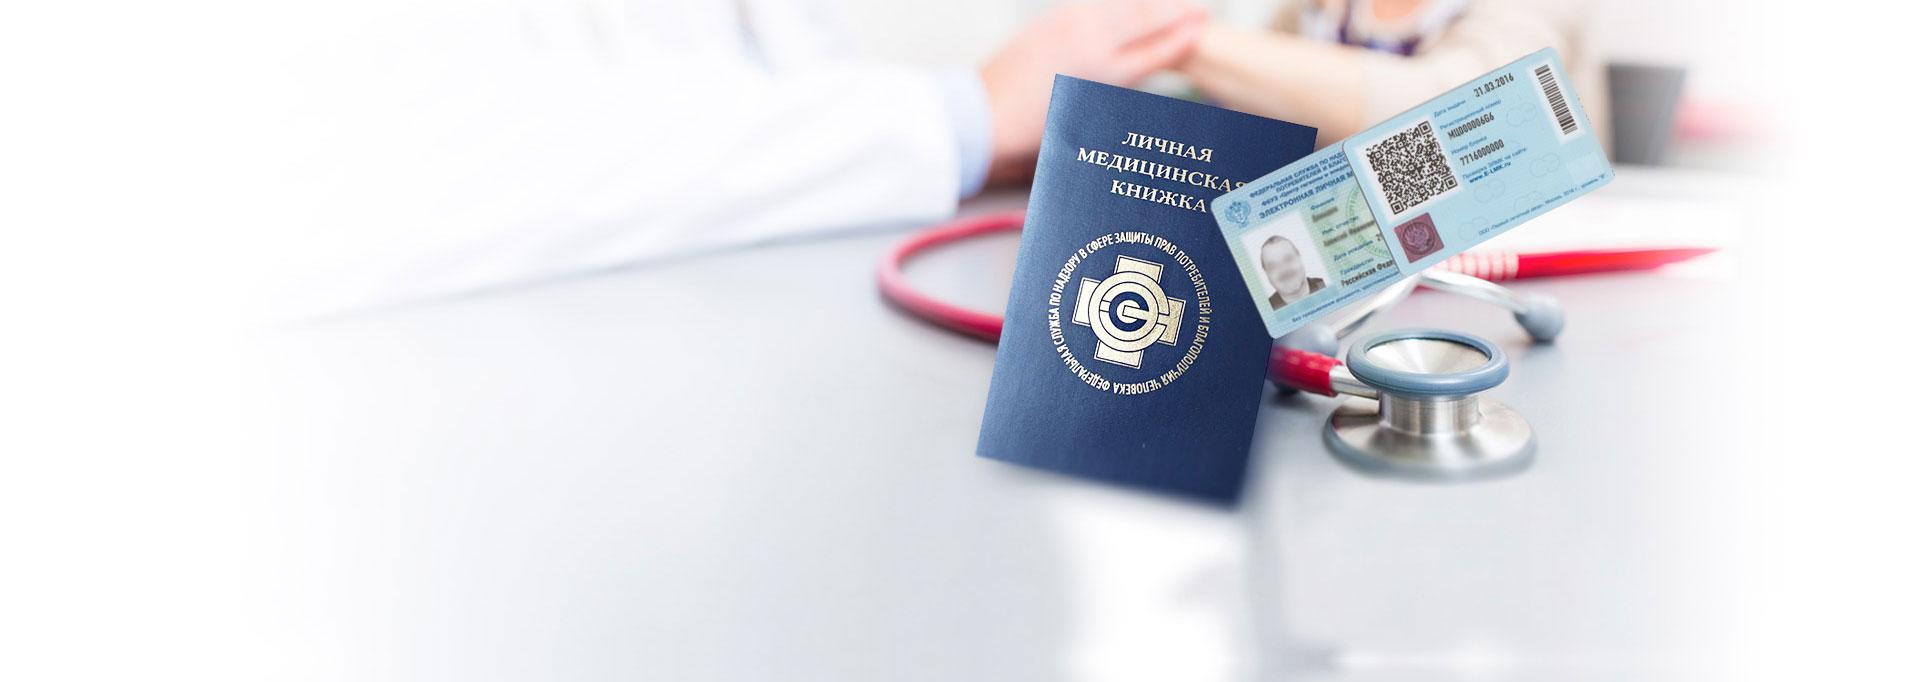 Оформление медицинских книжек в медцентре НОРМА-XXI.